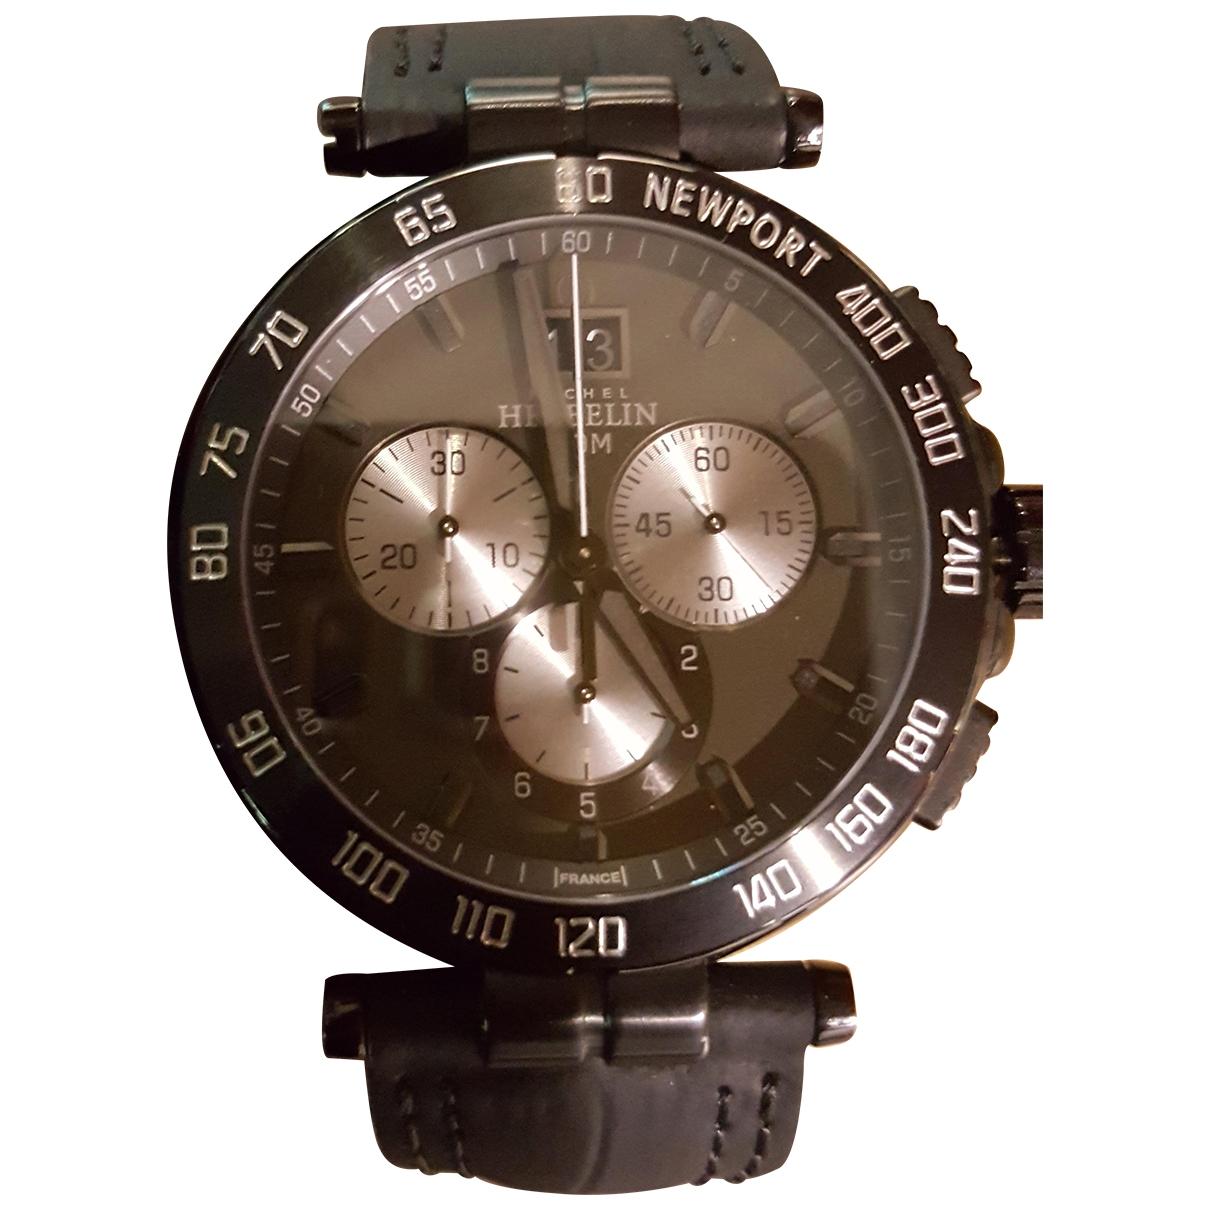 Michel Herbelin \N Anthracite Ceramic watch for Men \N